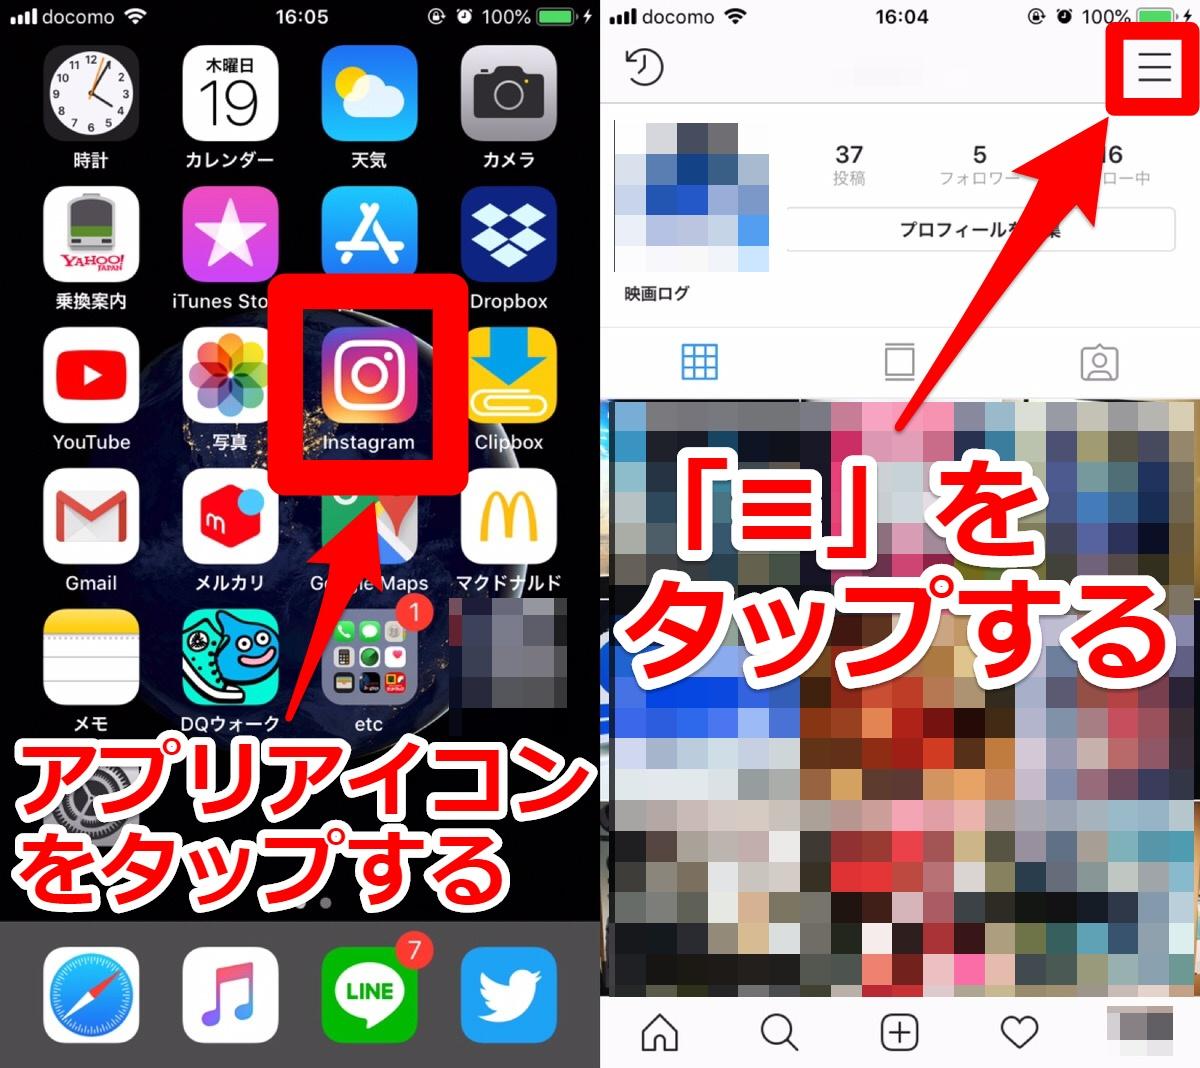 【iPhone機種変更】iPhoneを買い替えたときのアカウント&データ引き継ぎ方まとめ!